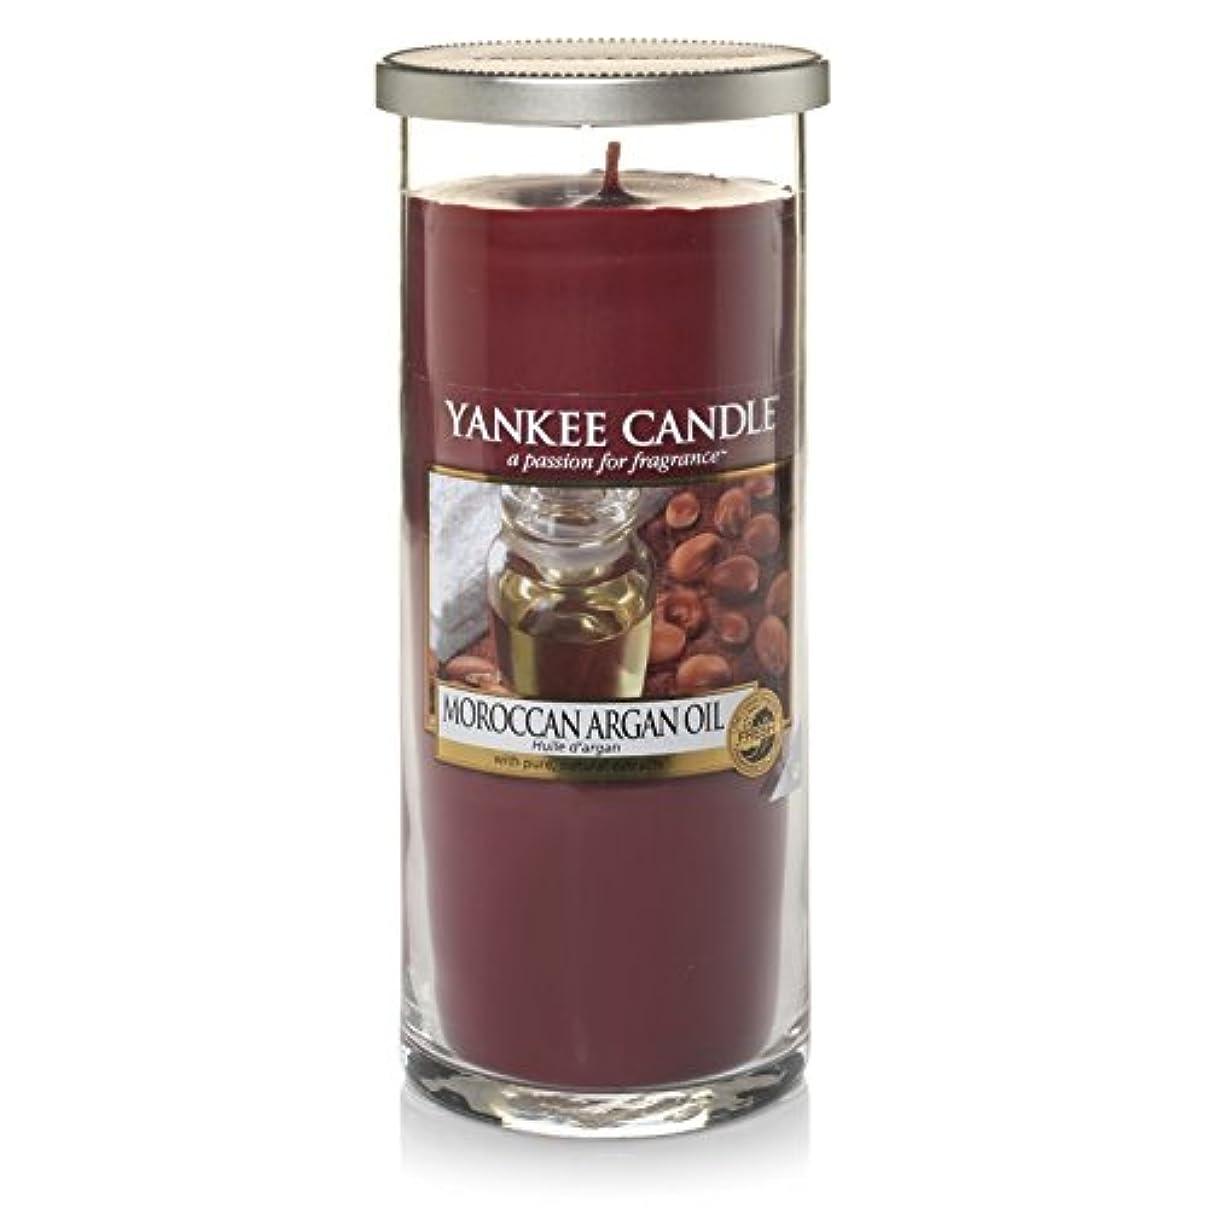 傾向があるすることになっているスクラップYankee Candles Large Pillar Candle - Moroccan Argan Oil (Pack of 2) - ヤンキーキャンドル大きな柱キャンドル - モロッコアルガンオイル (x2) [並行輸入品]